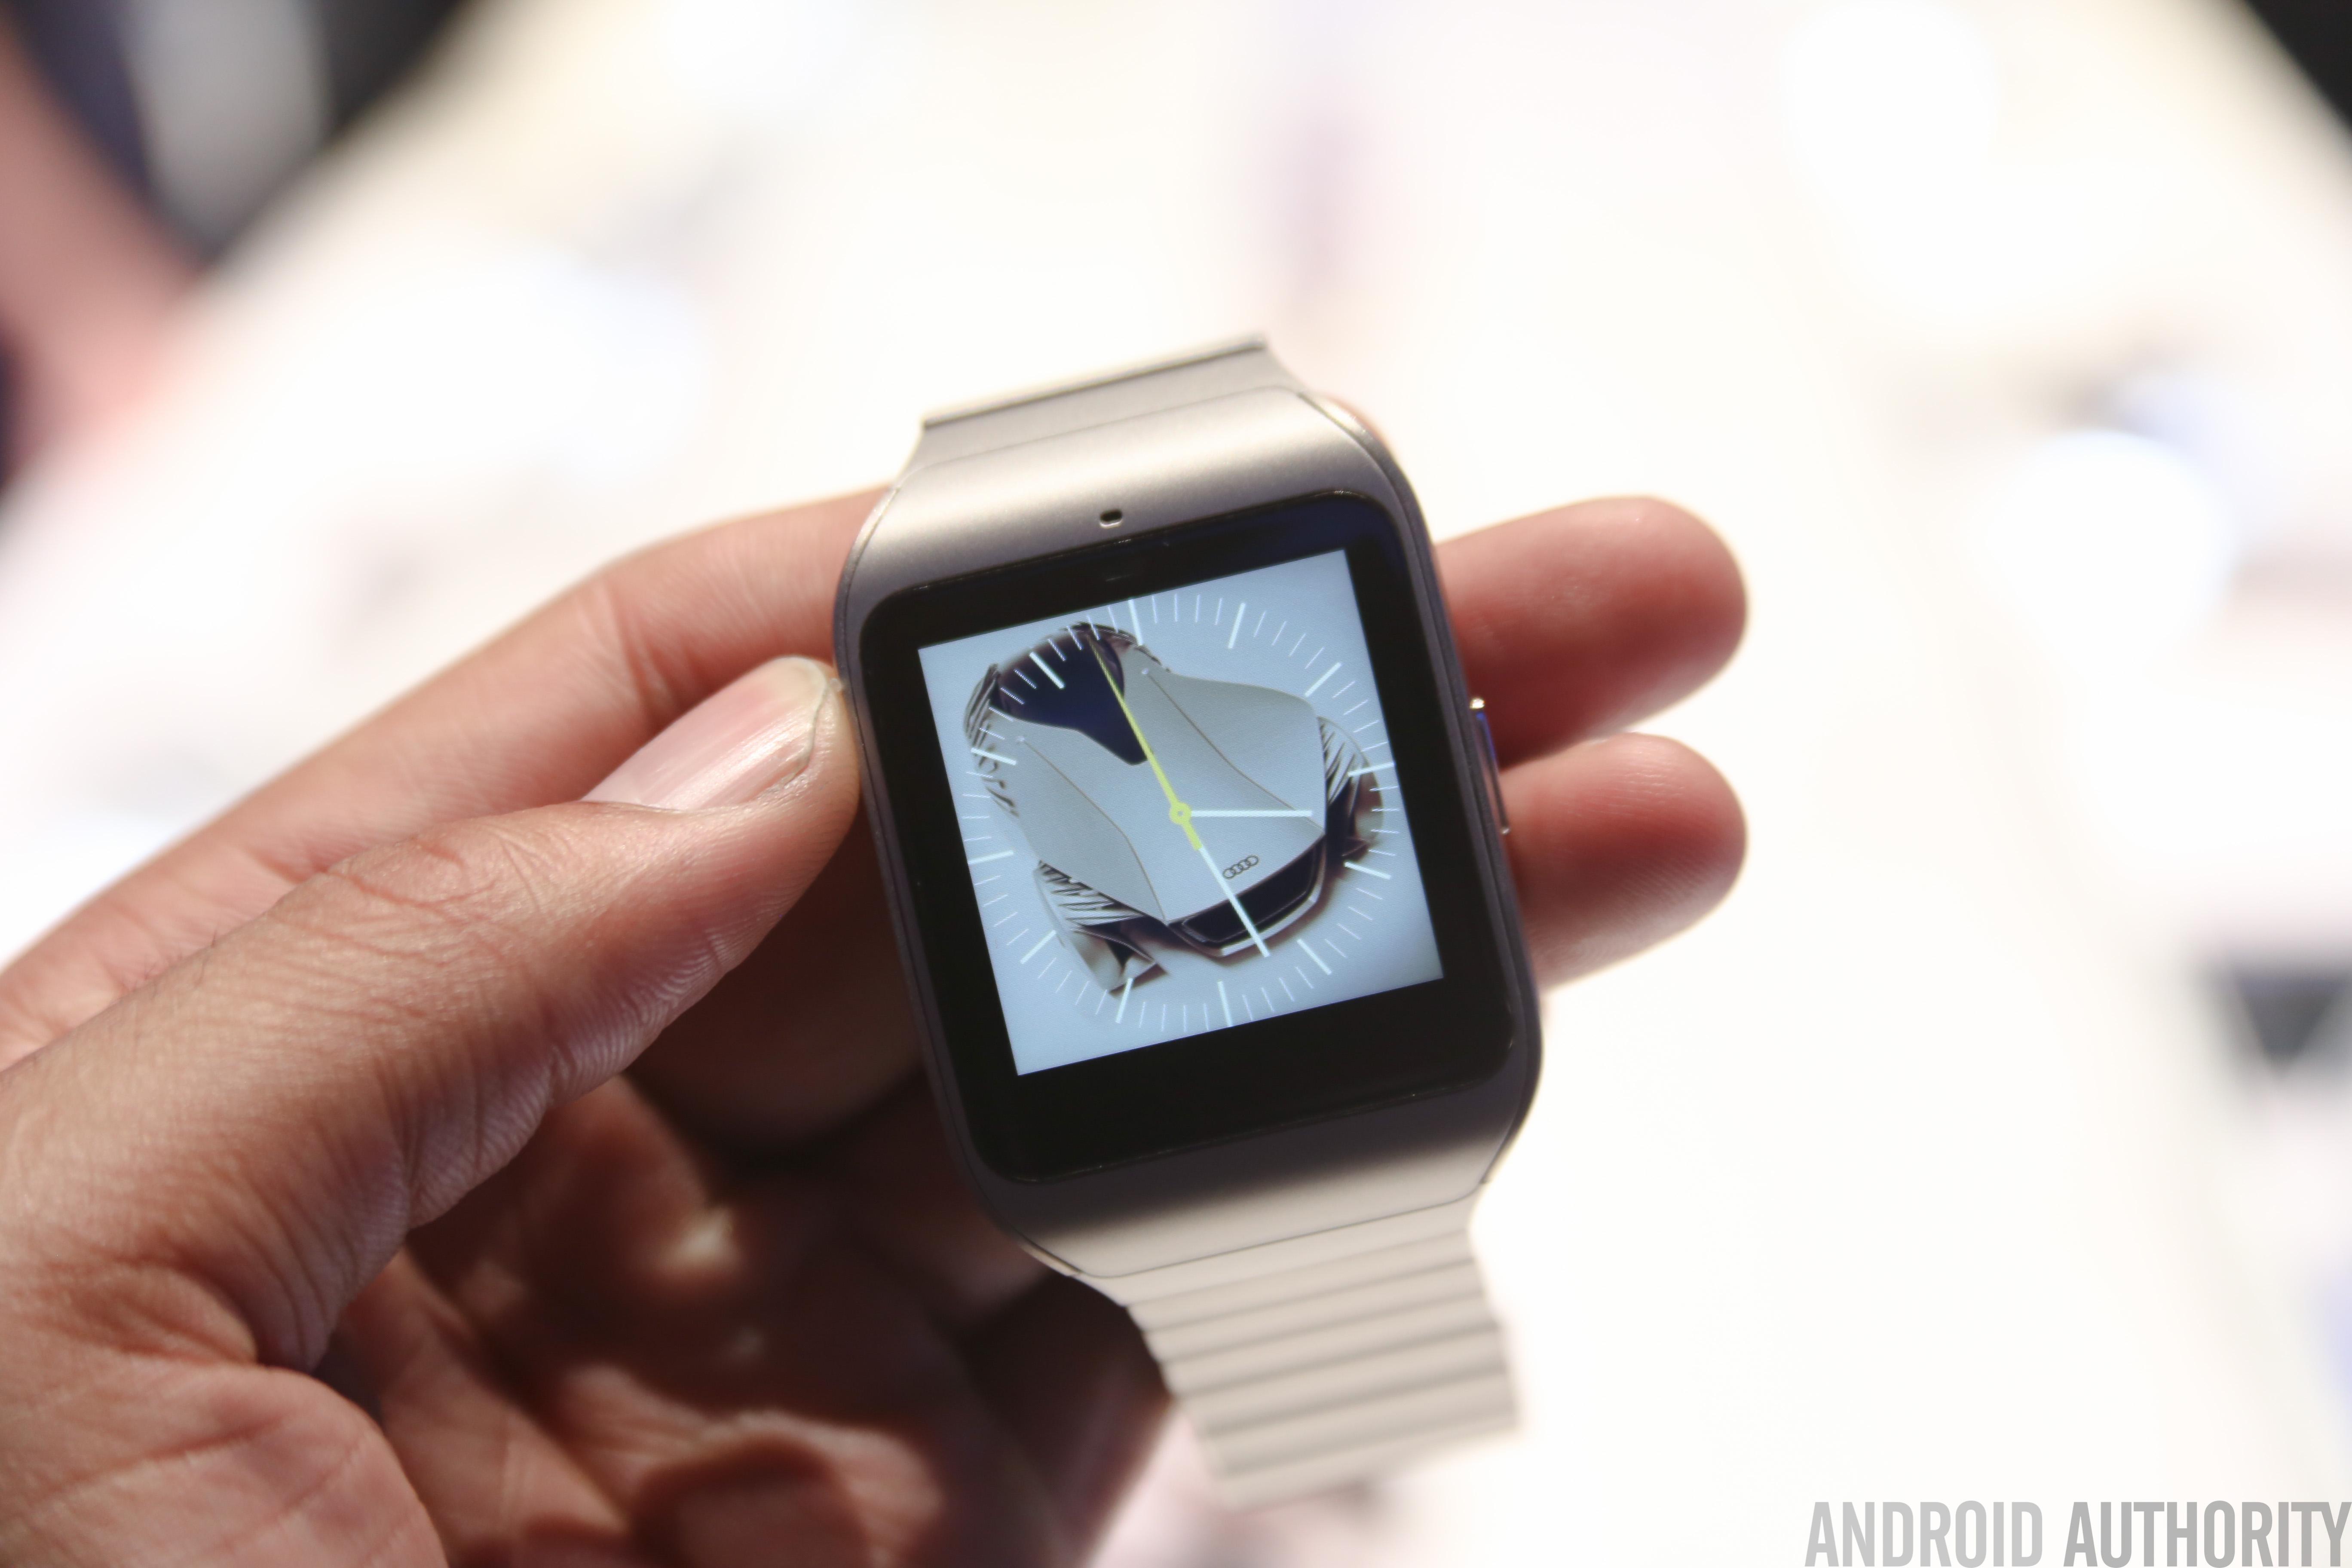 Sony SmartWatch 3 steel model hands on